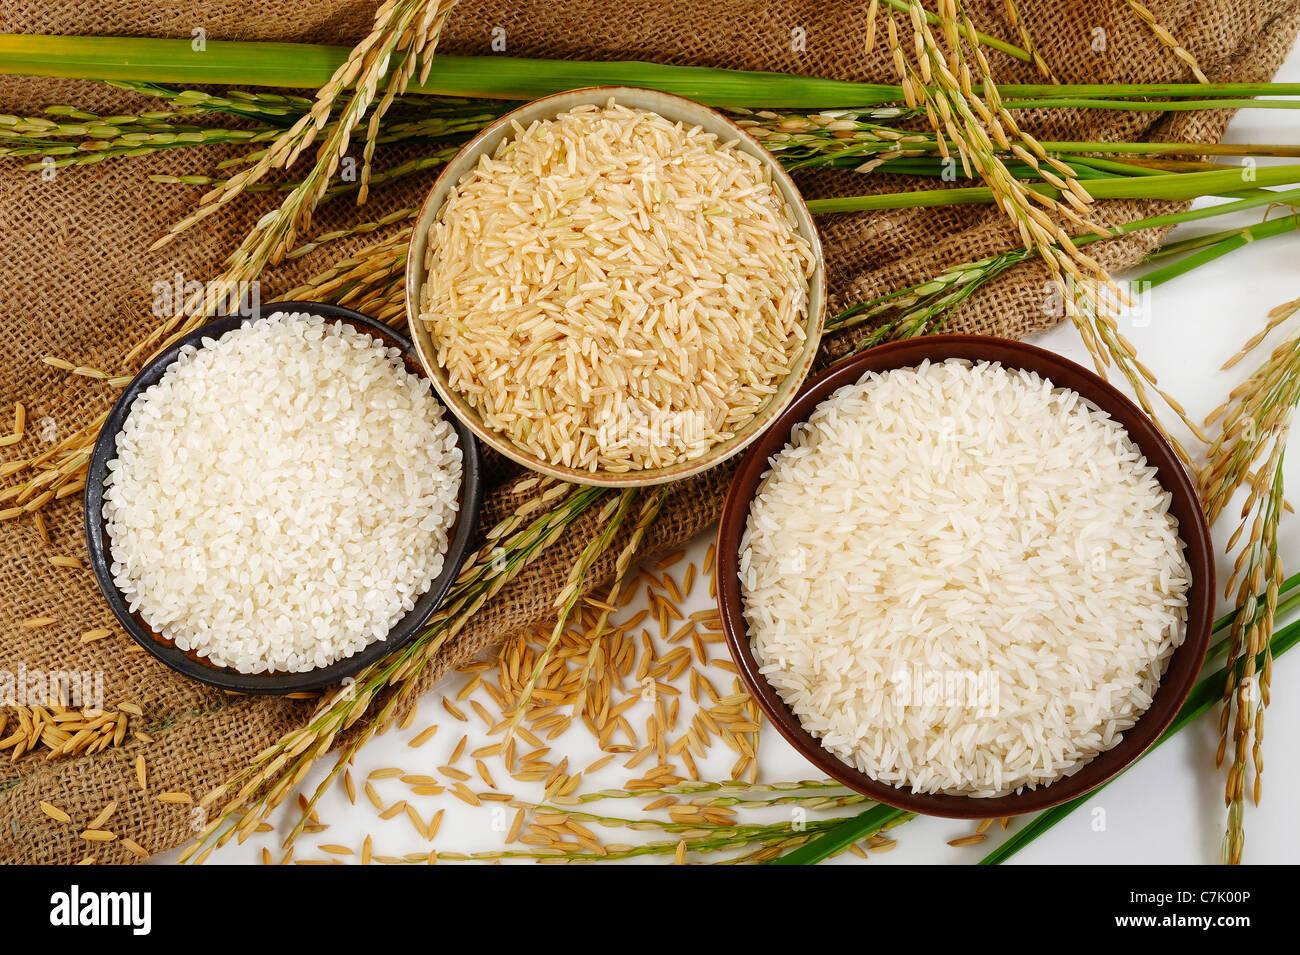 rice on sack background - Stock Image